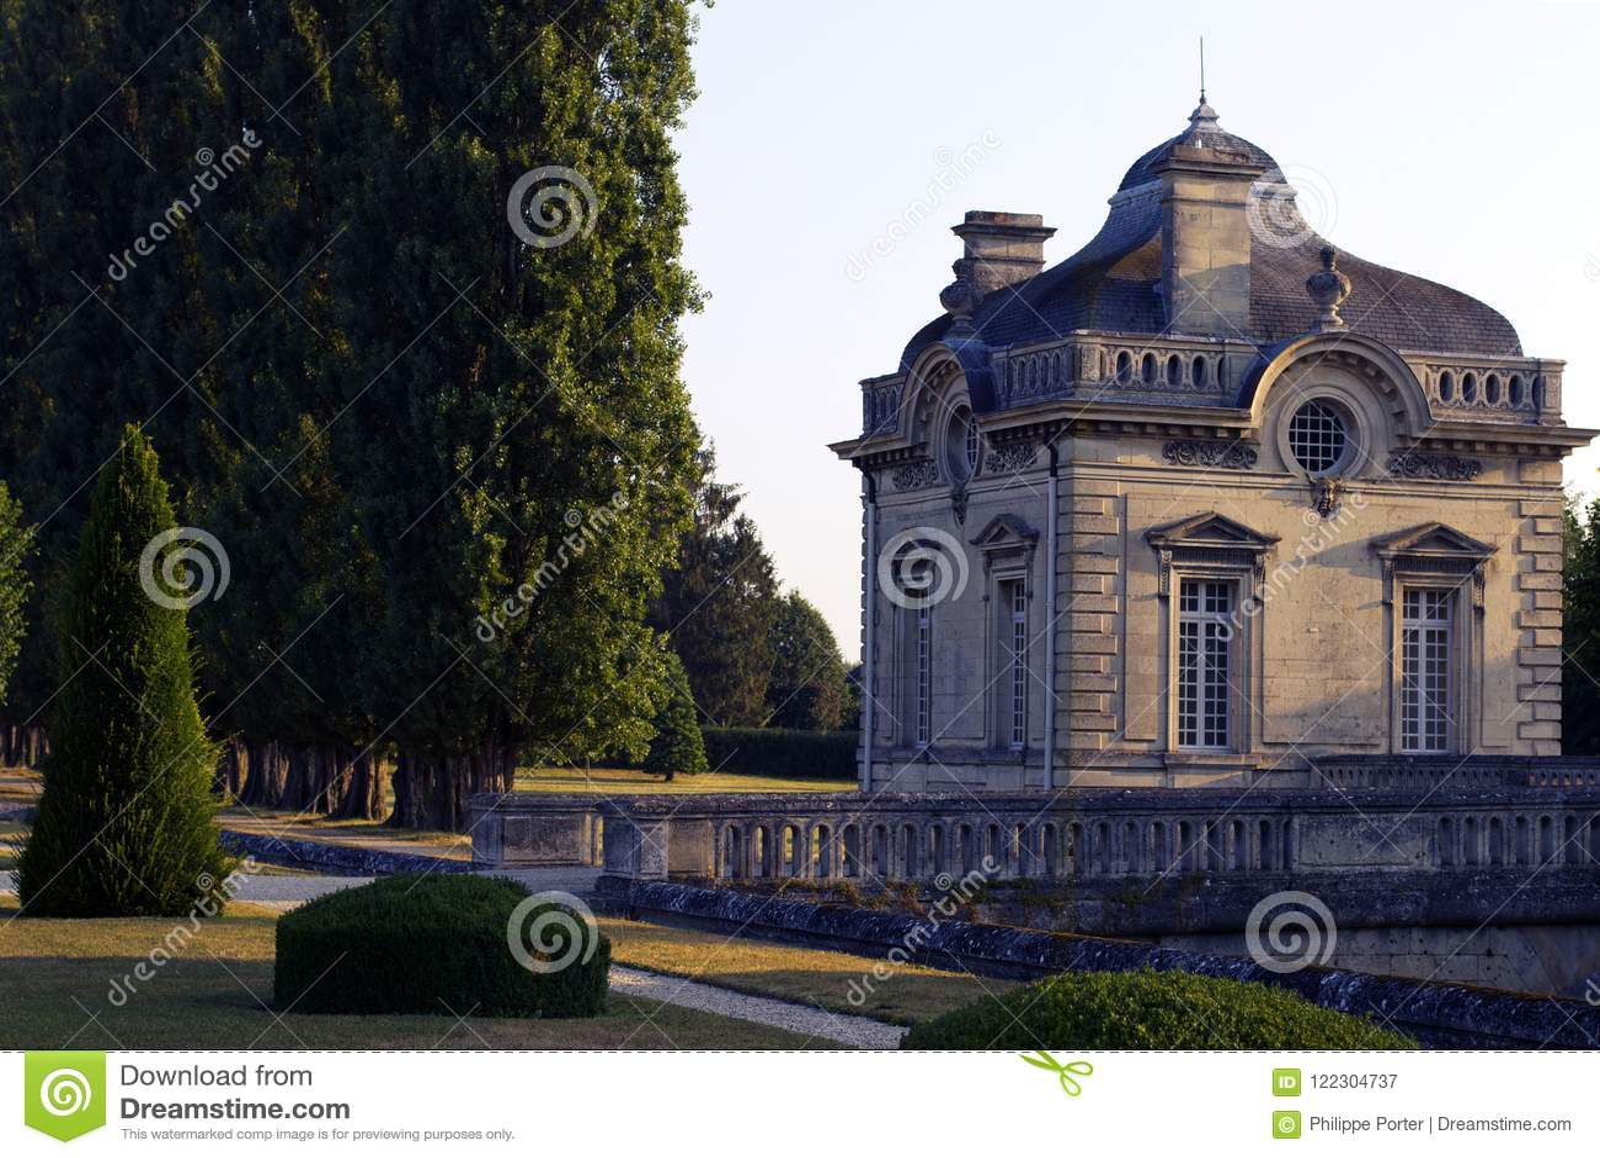 Slott för Franco-amerikan museumBlérancourt fransk amerikansk kamratskap